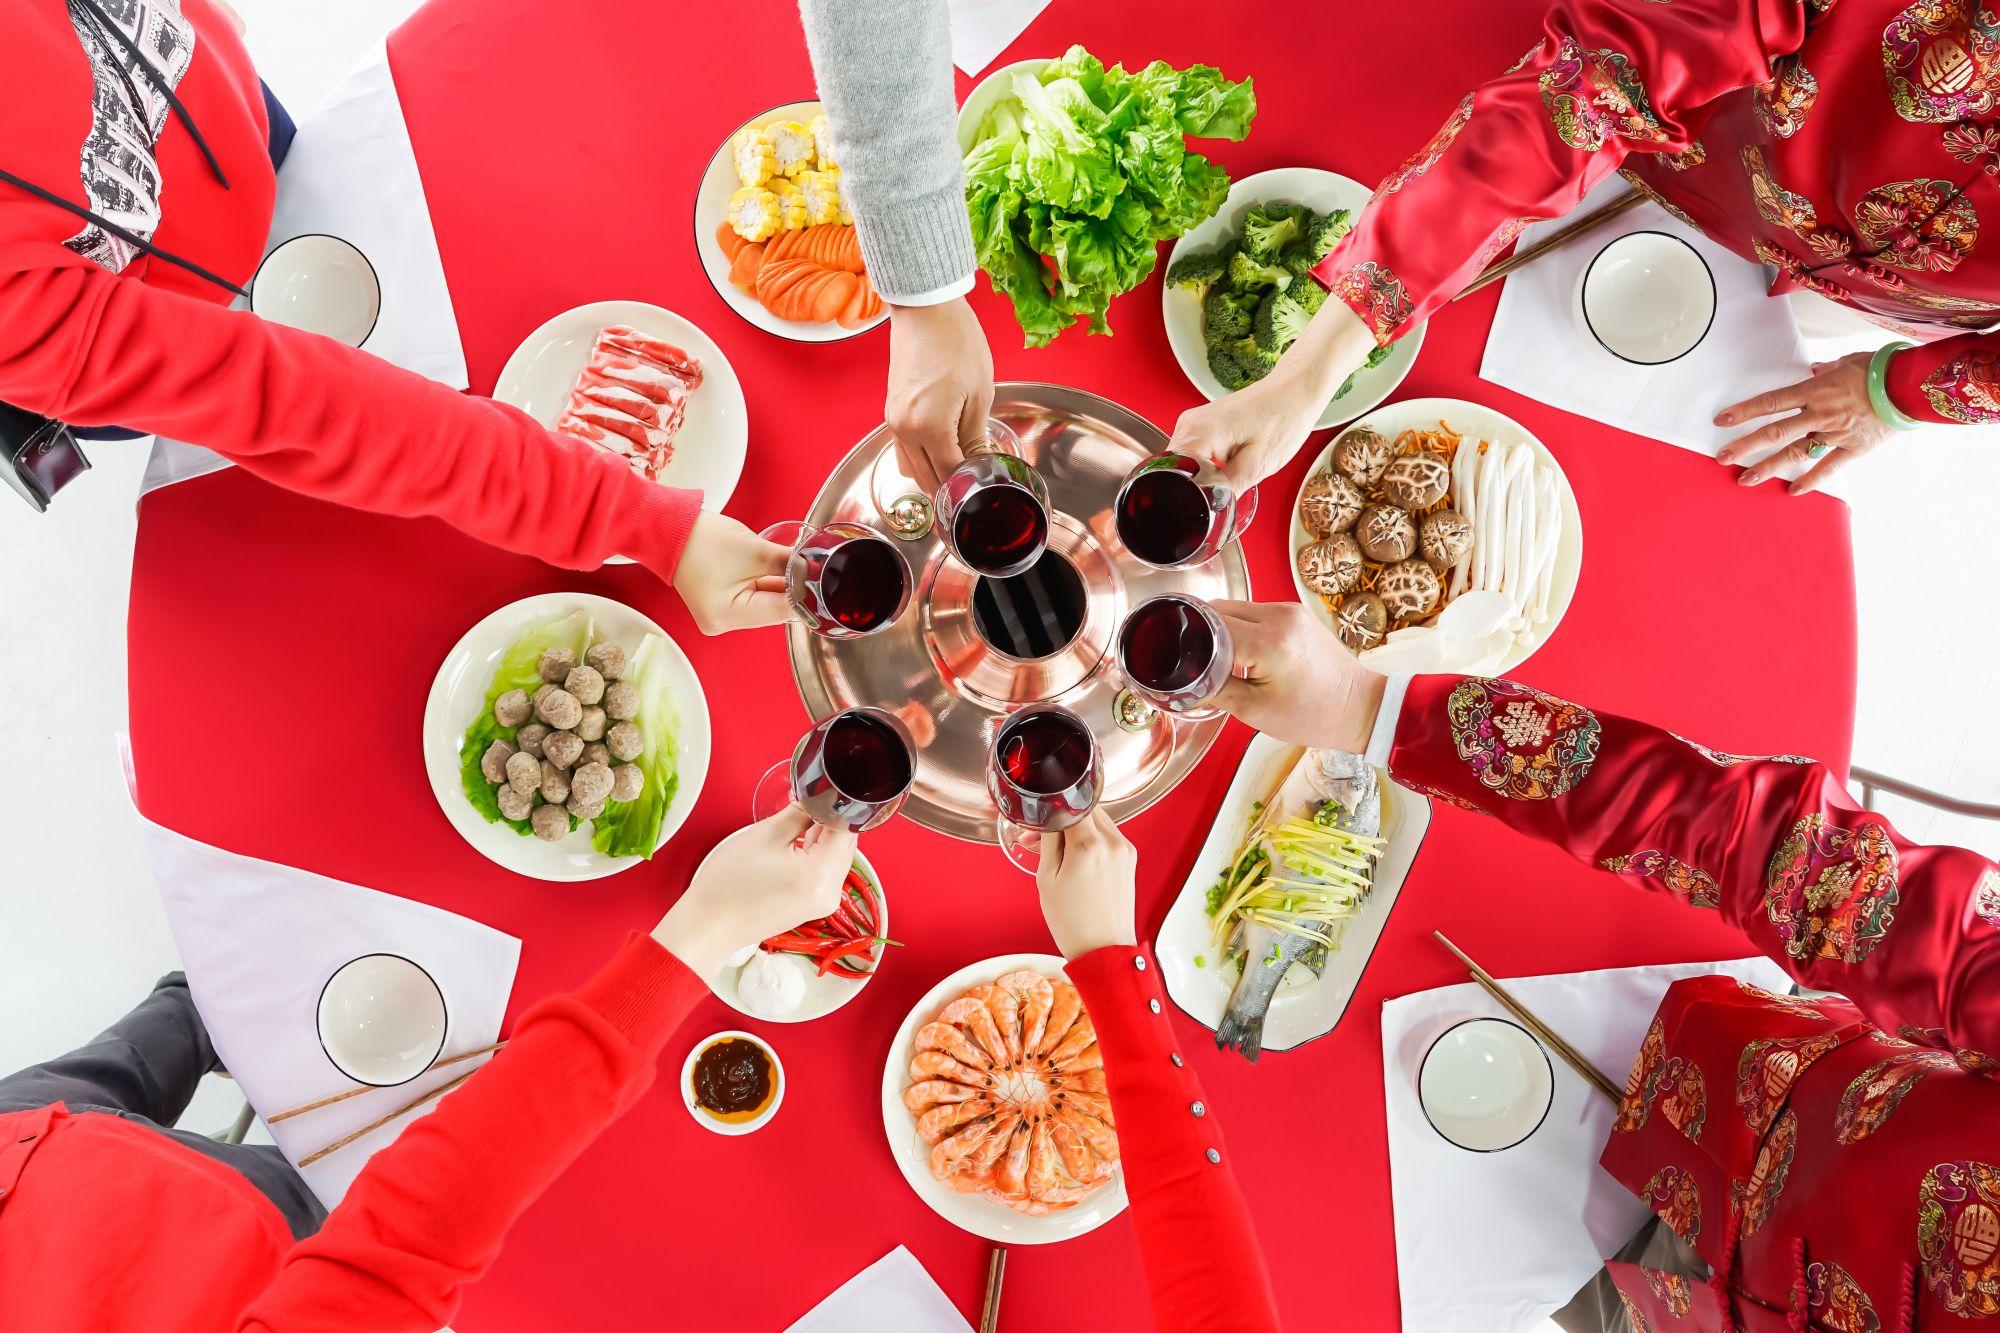 聚会餐桌上饮食应该注意什么?